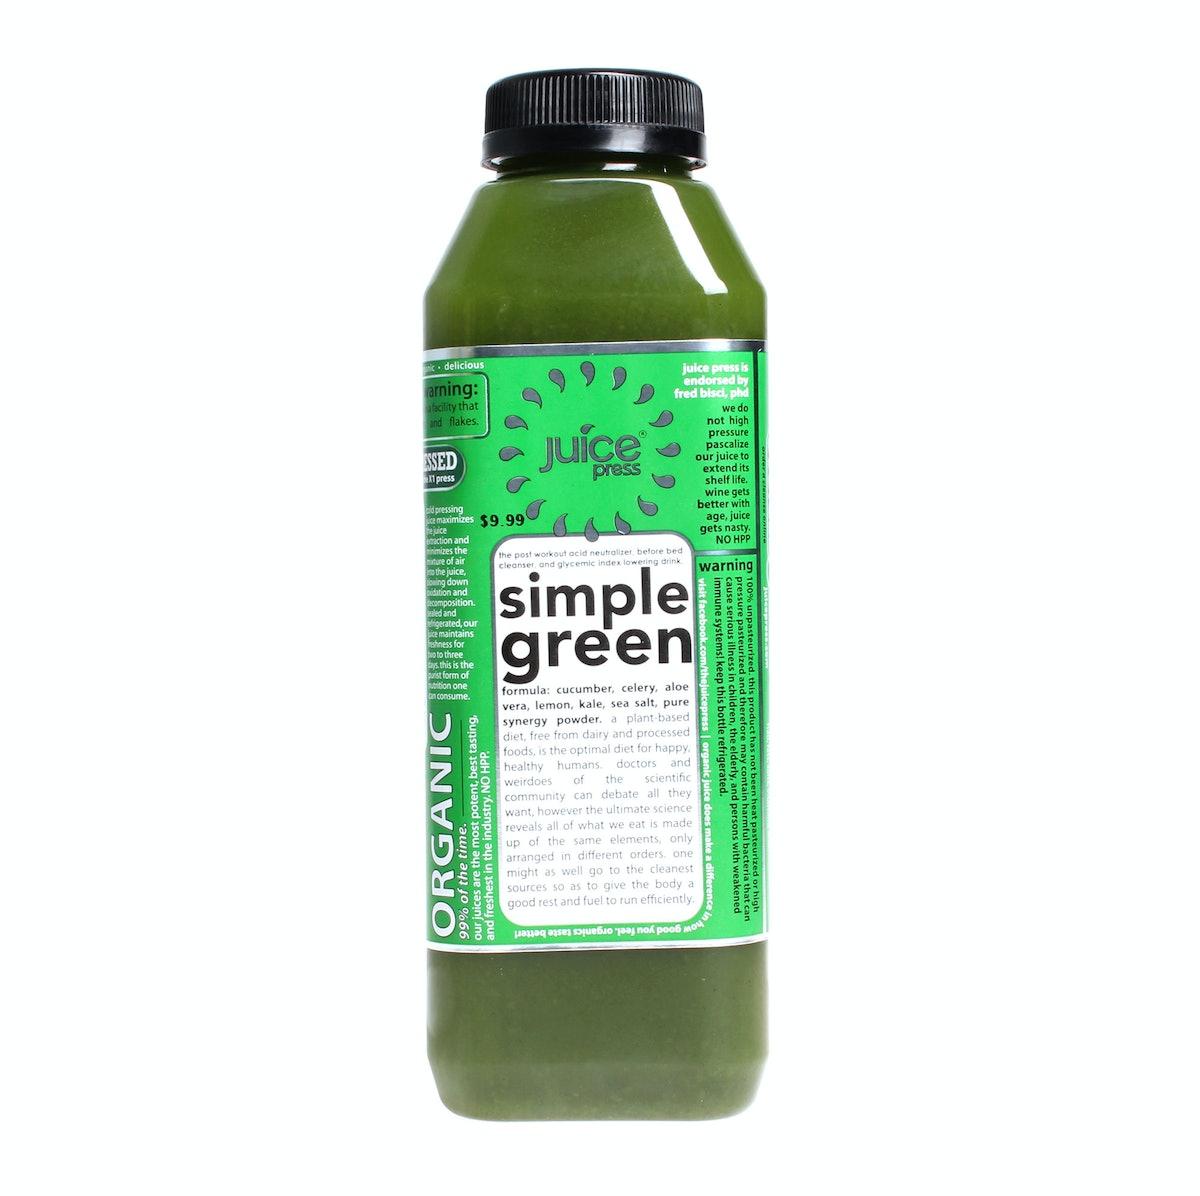 Juice Press Simple Green Juice